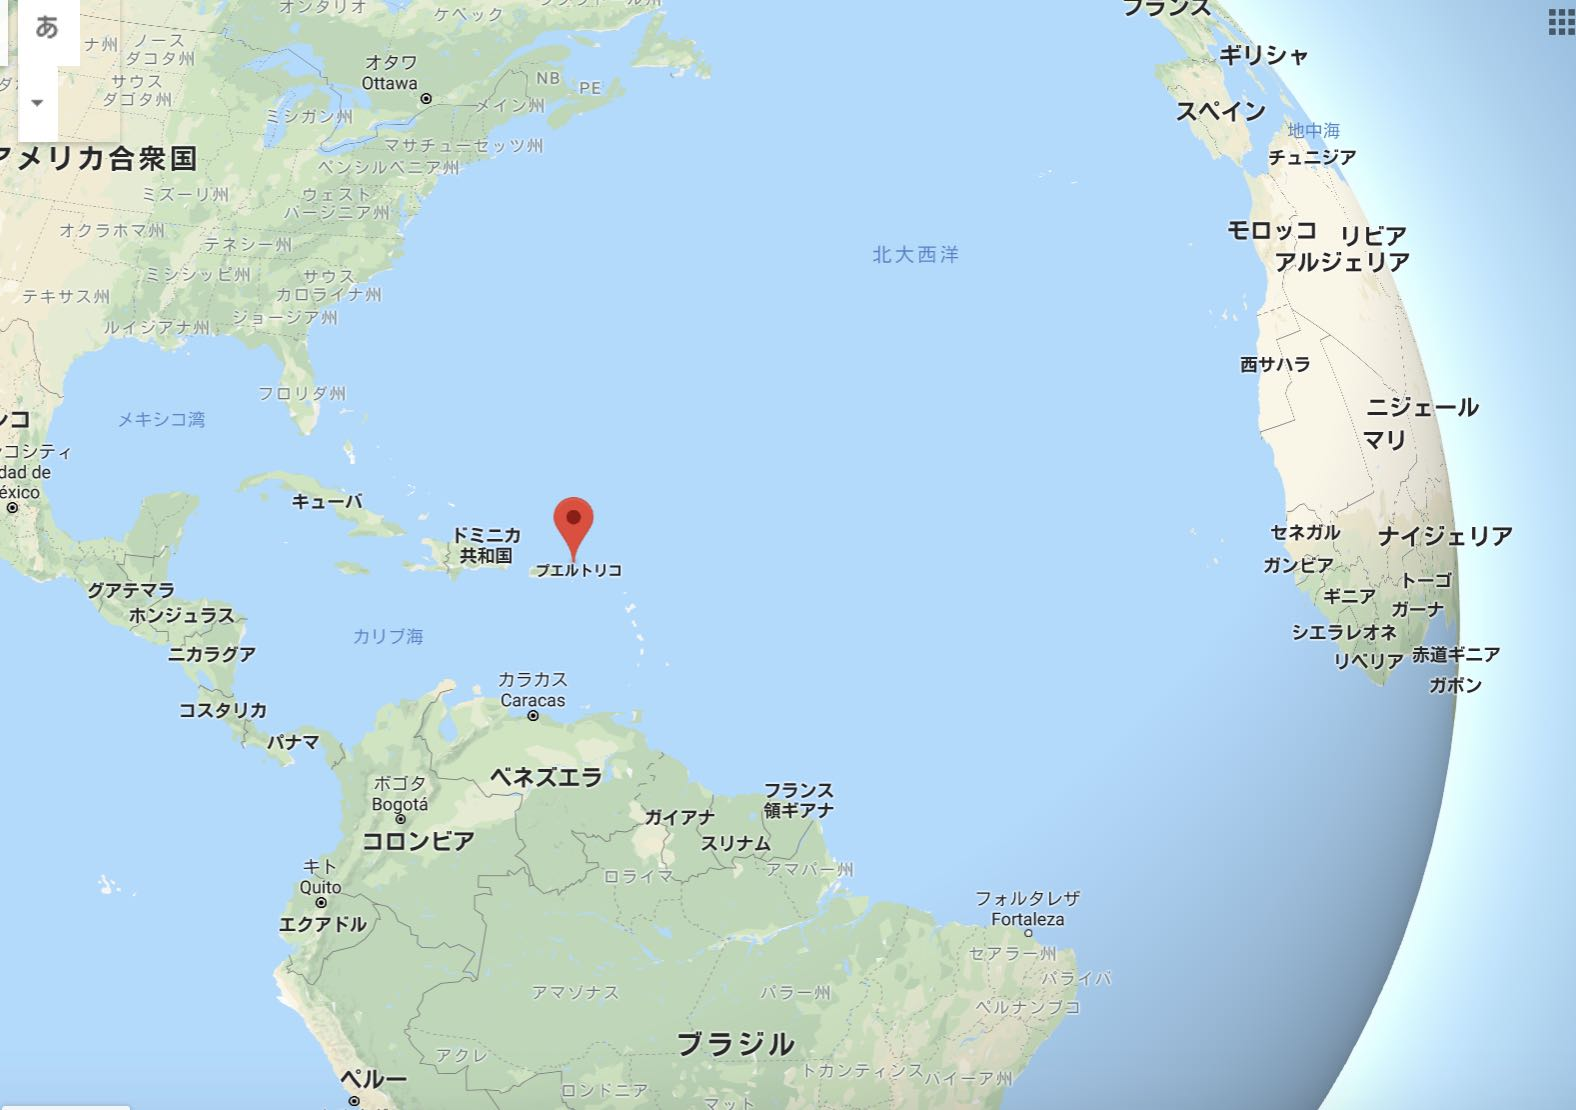 インサイド(INSIDE)という競艇予想サイト(ボートレース予想サイト)の住所がバージン諸島